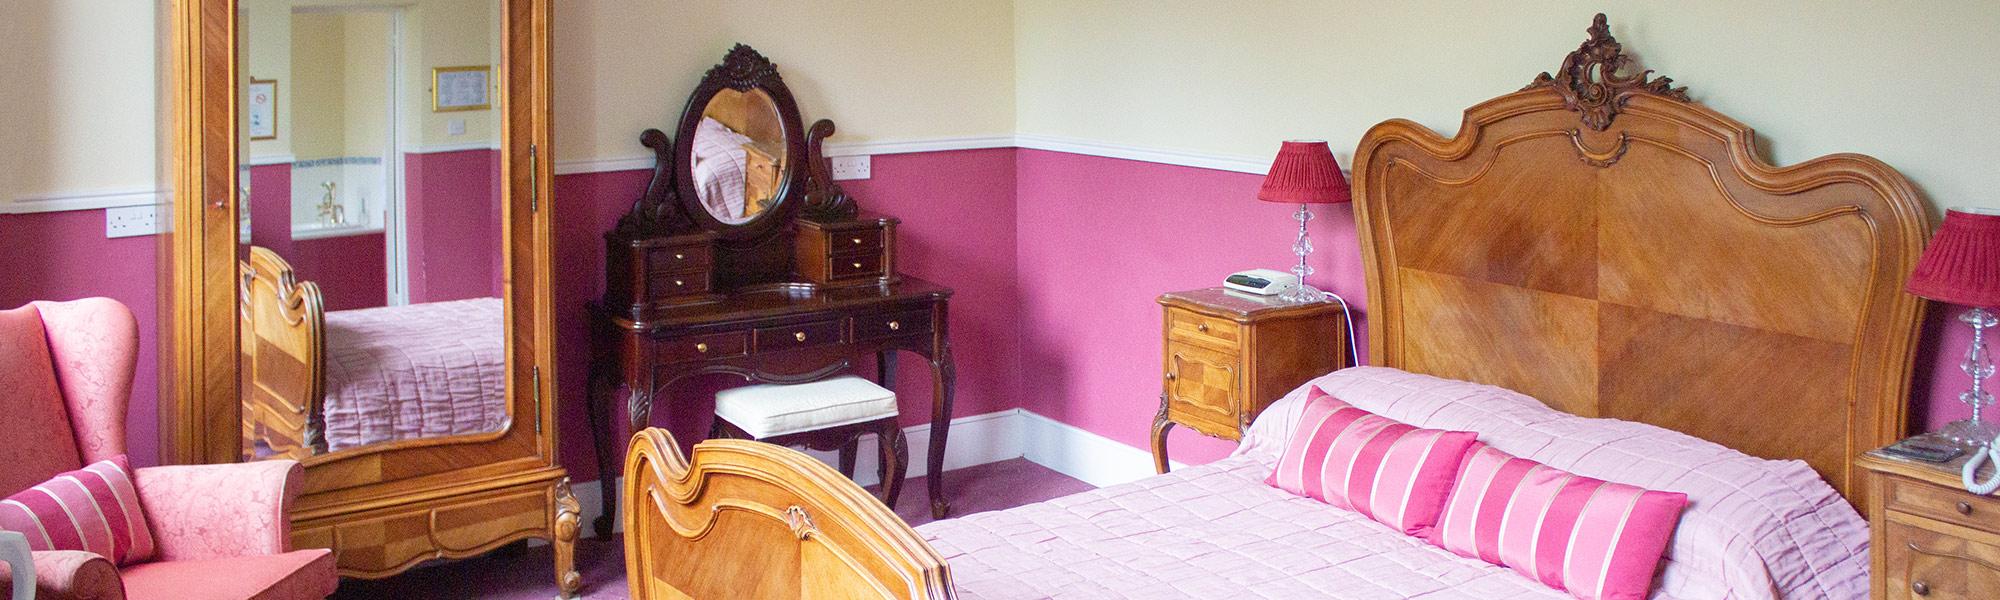 IMG_4017 Double Room 2000x600